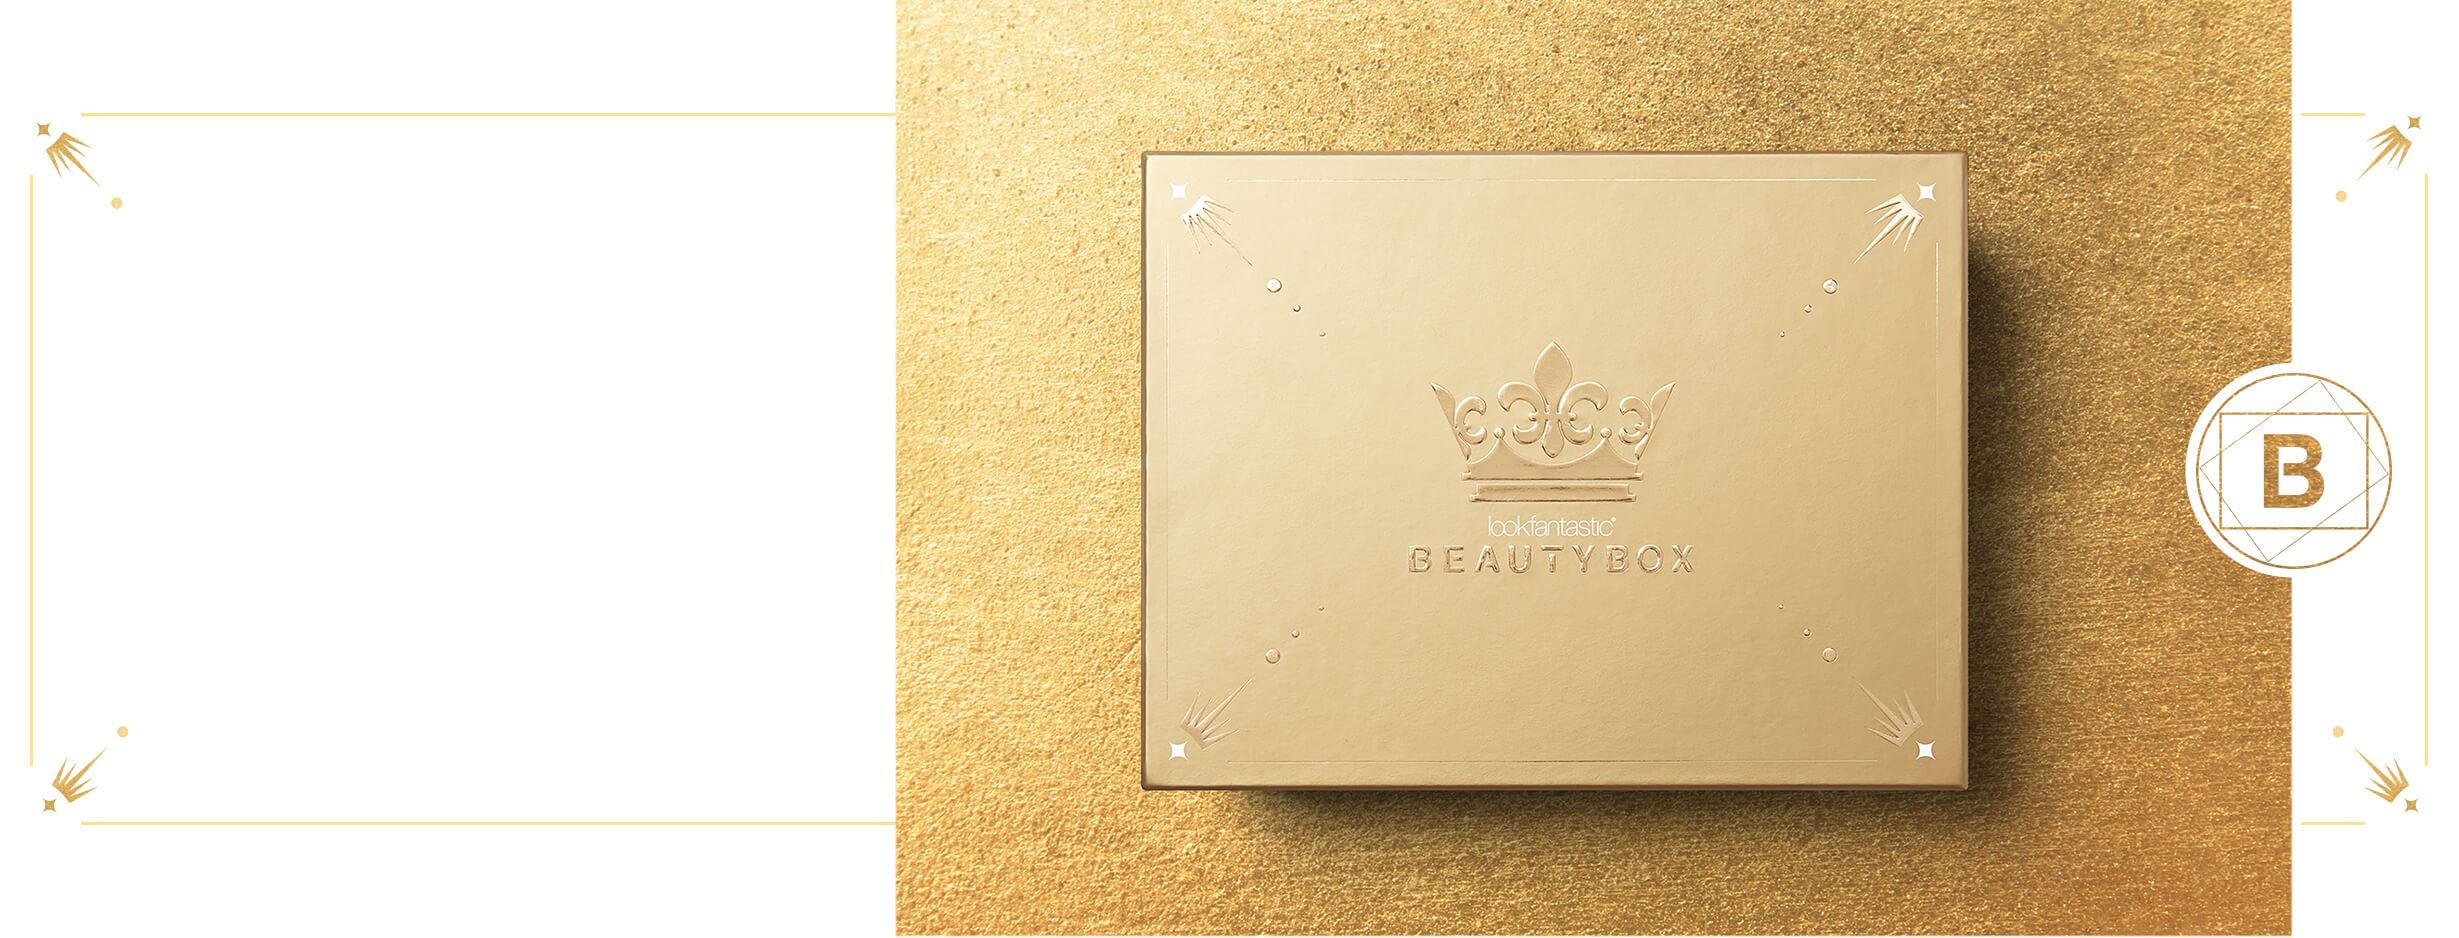 The Royal Box 2020